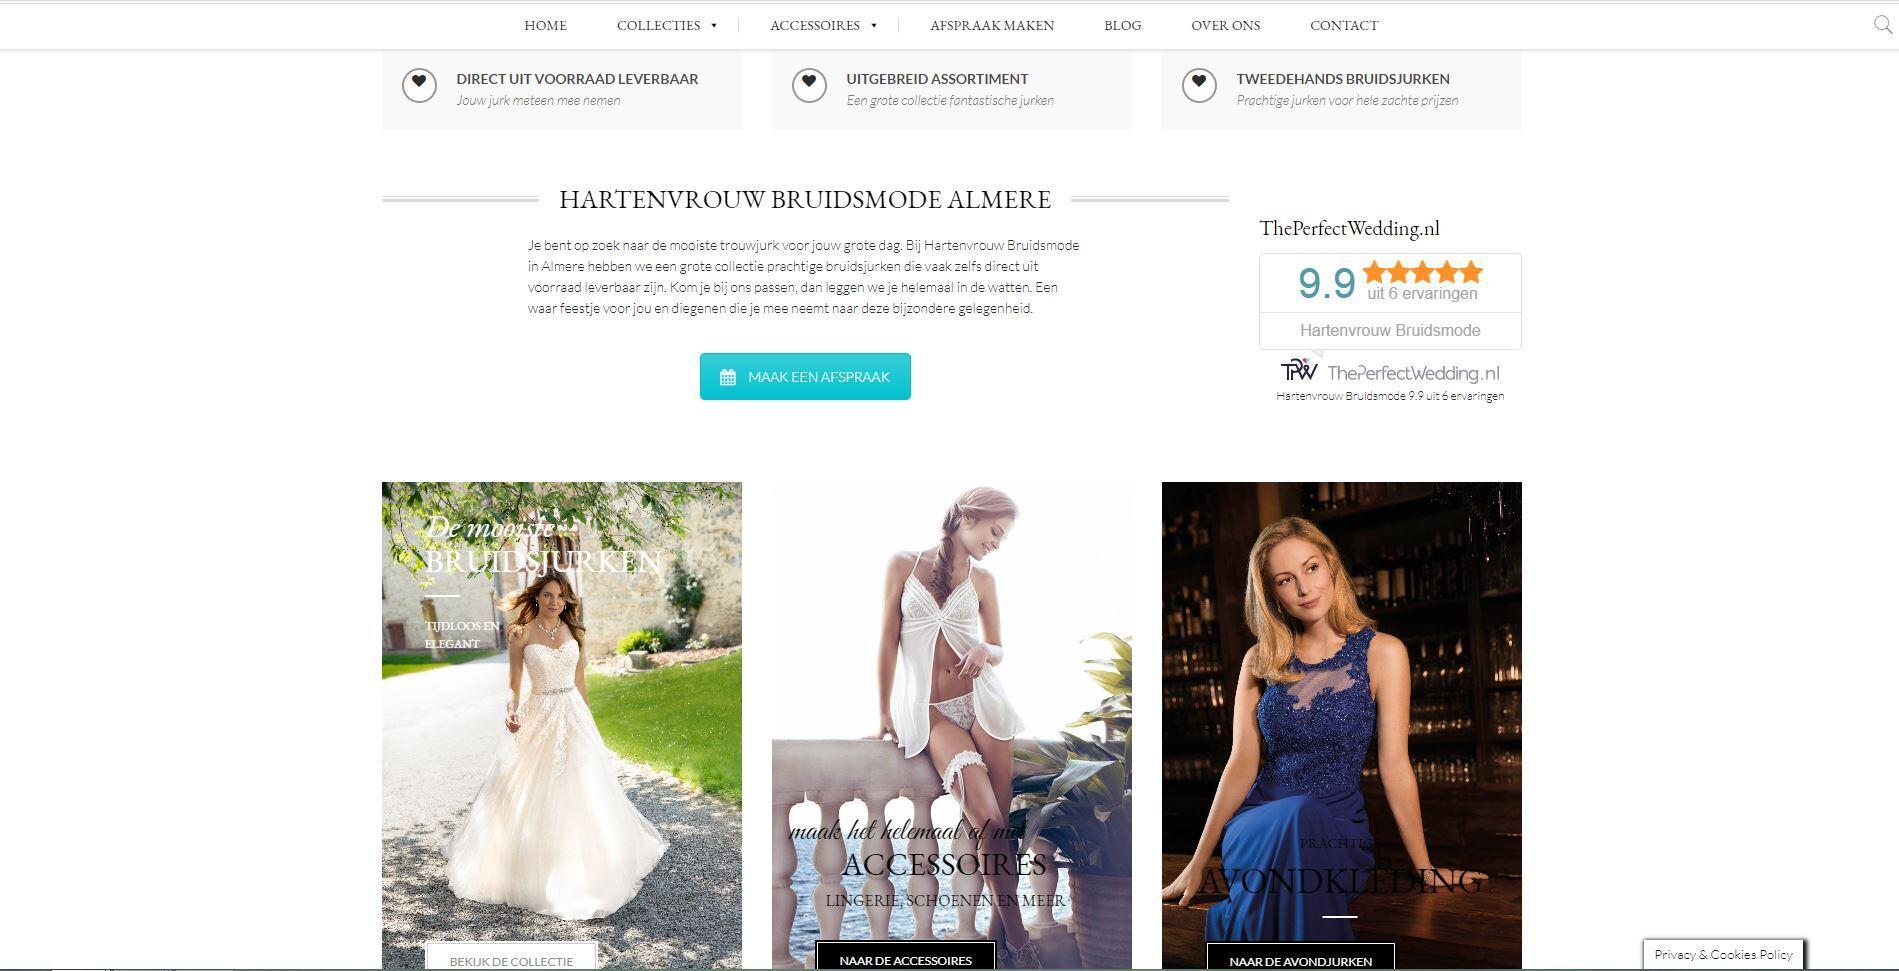 website voor een bruidsmode zaak